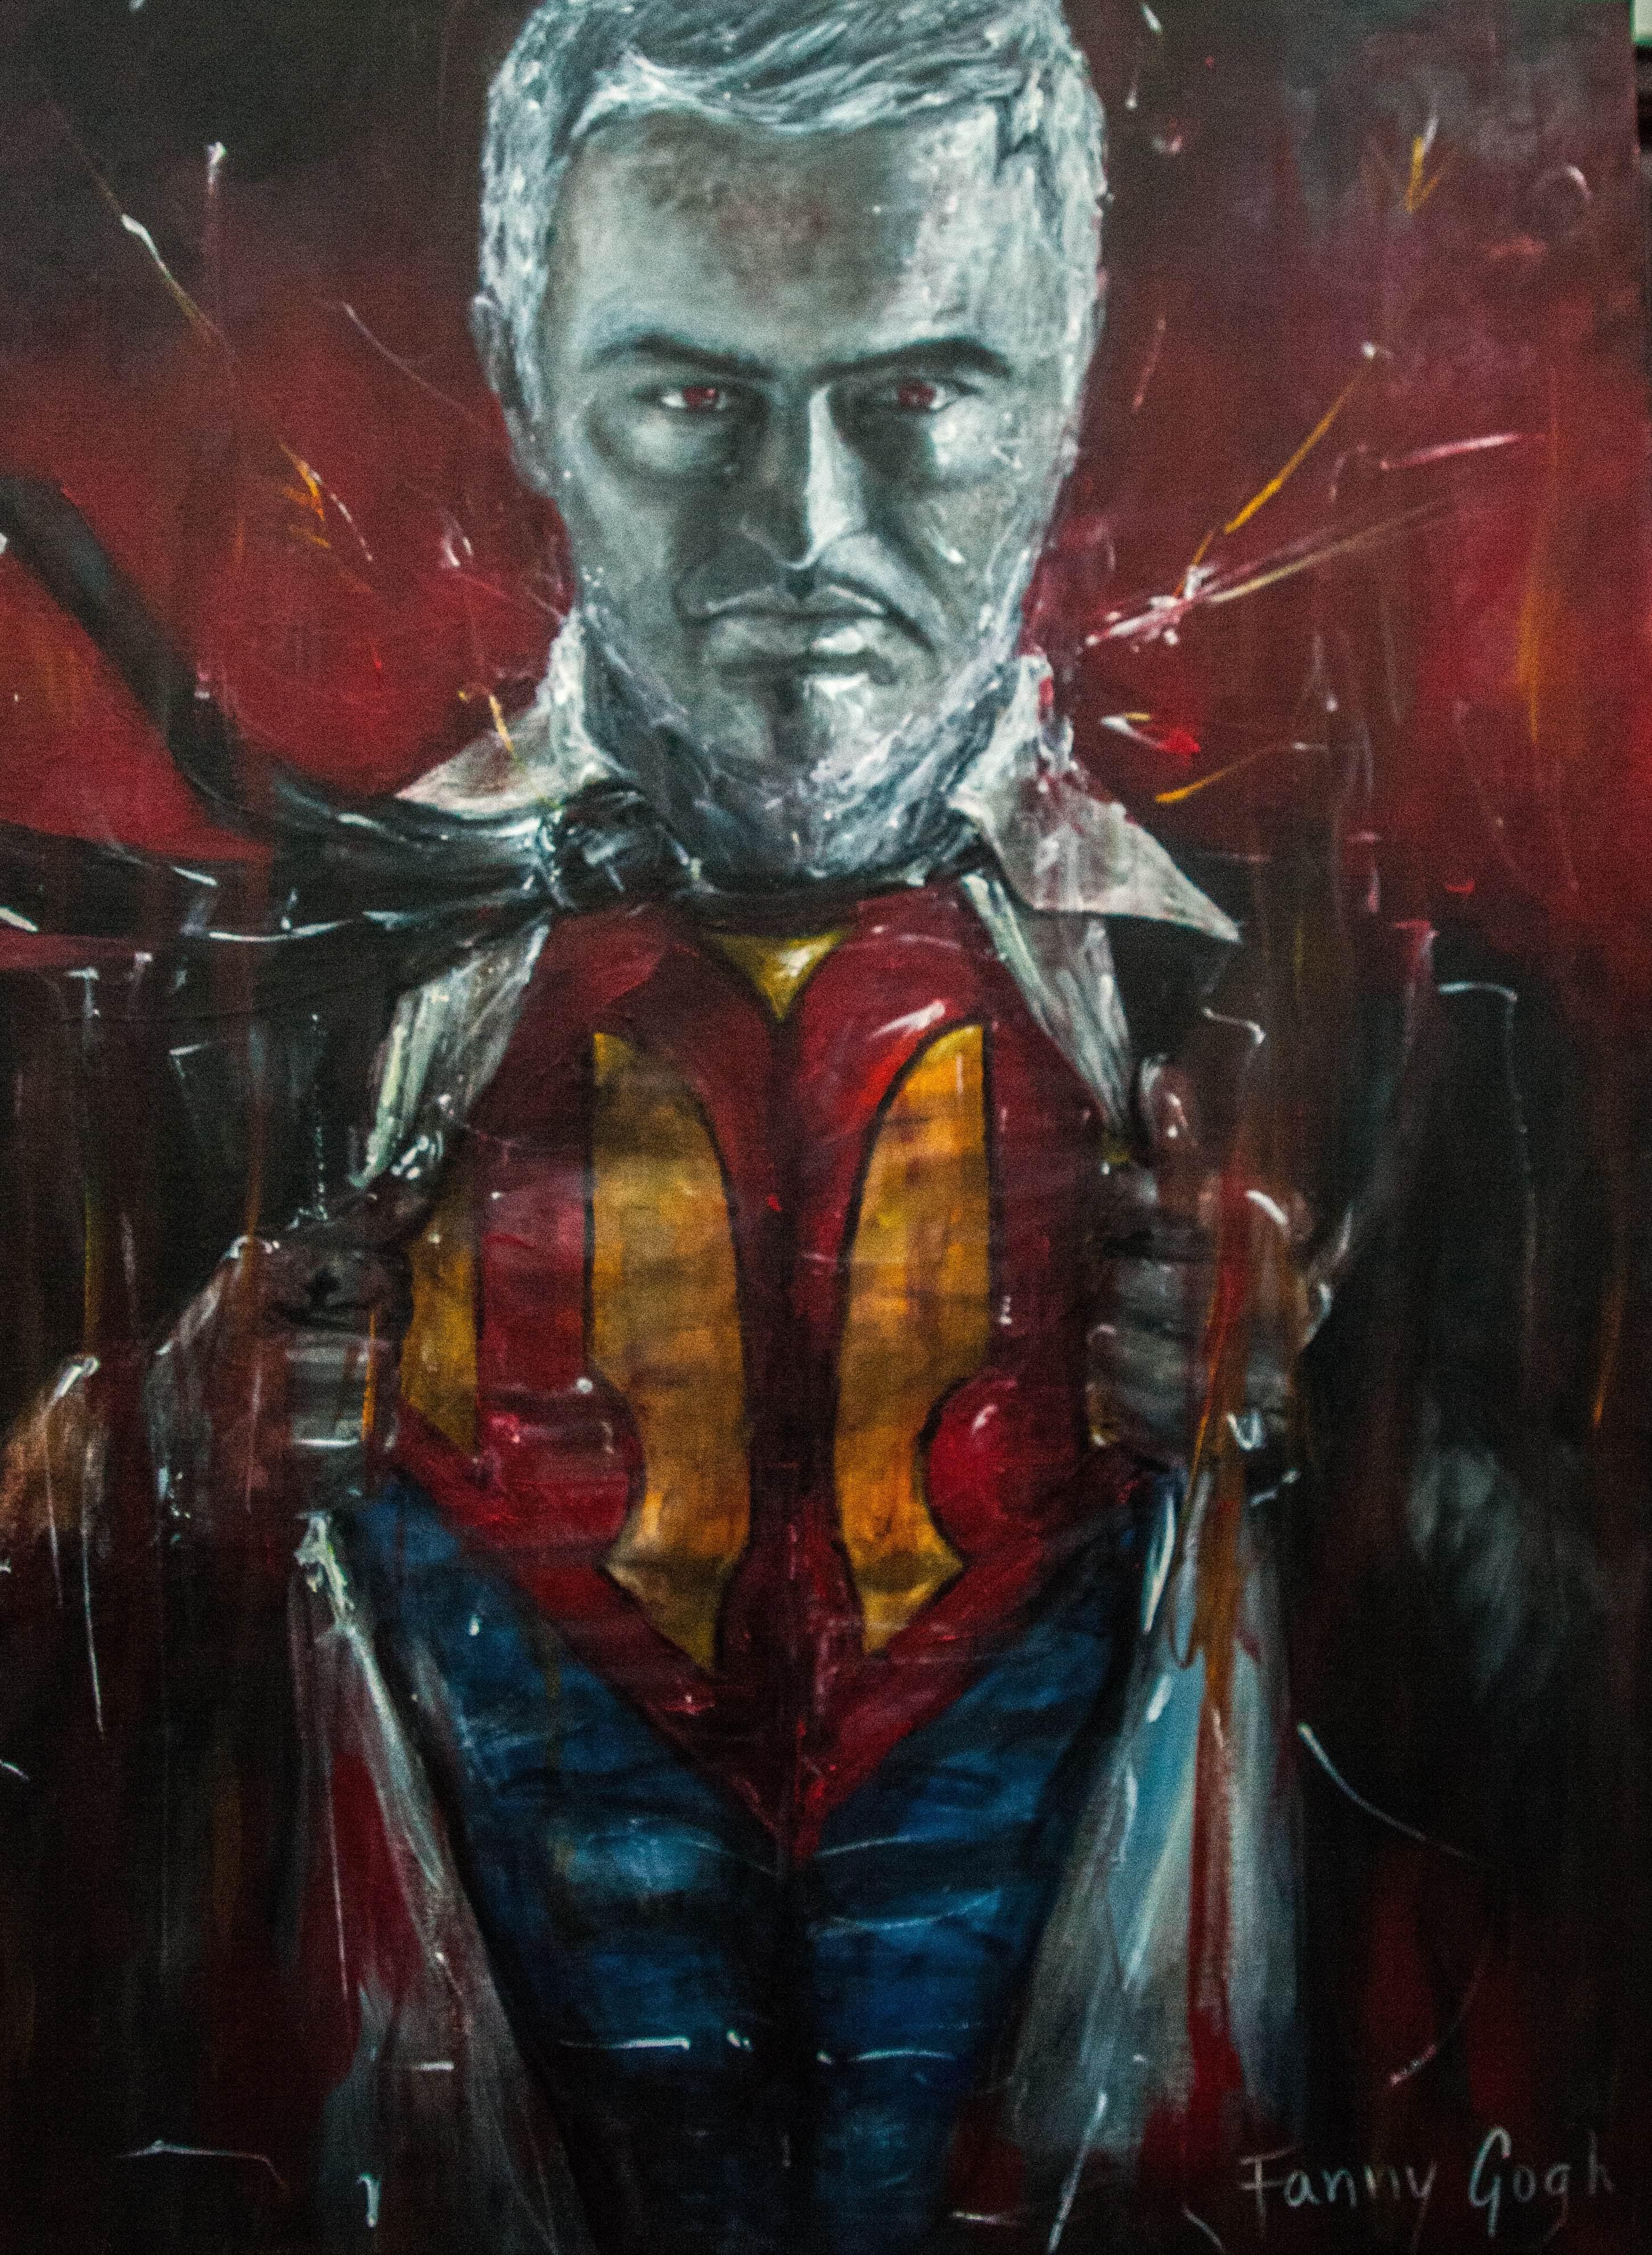 Mourinho as Superman 'Super Manager'